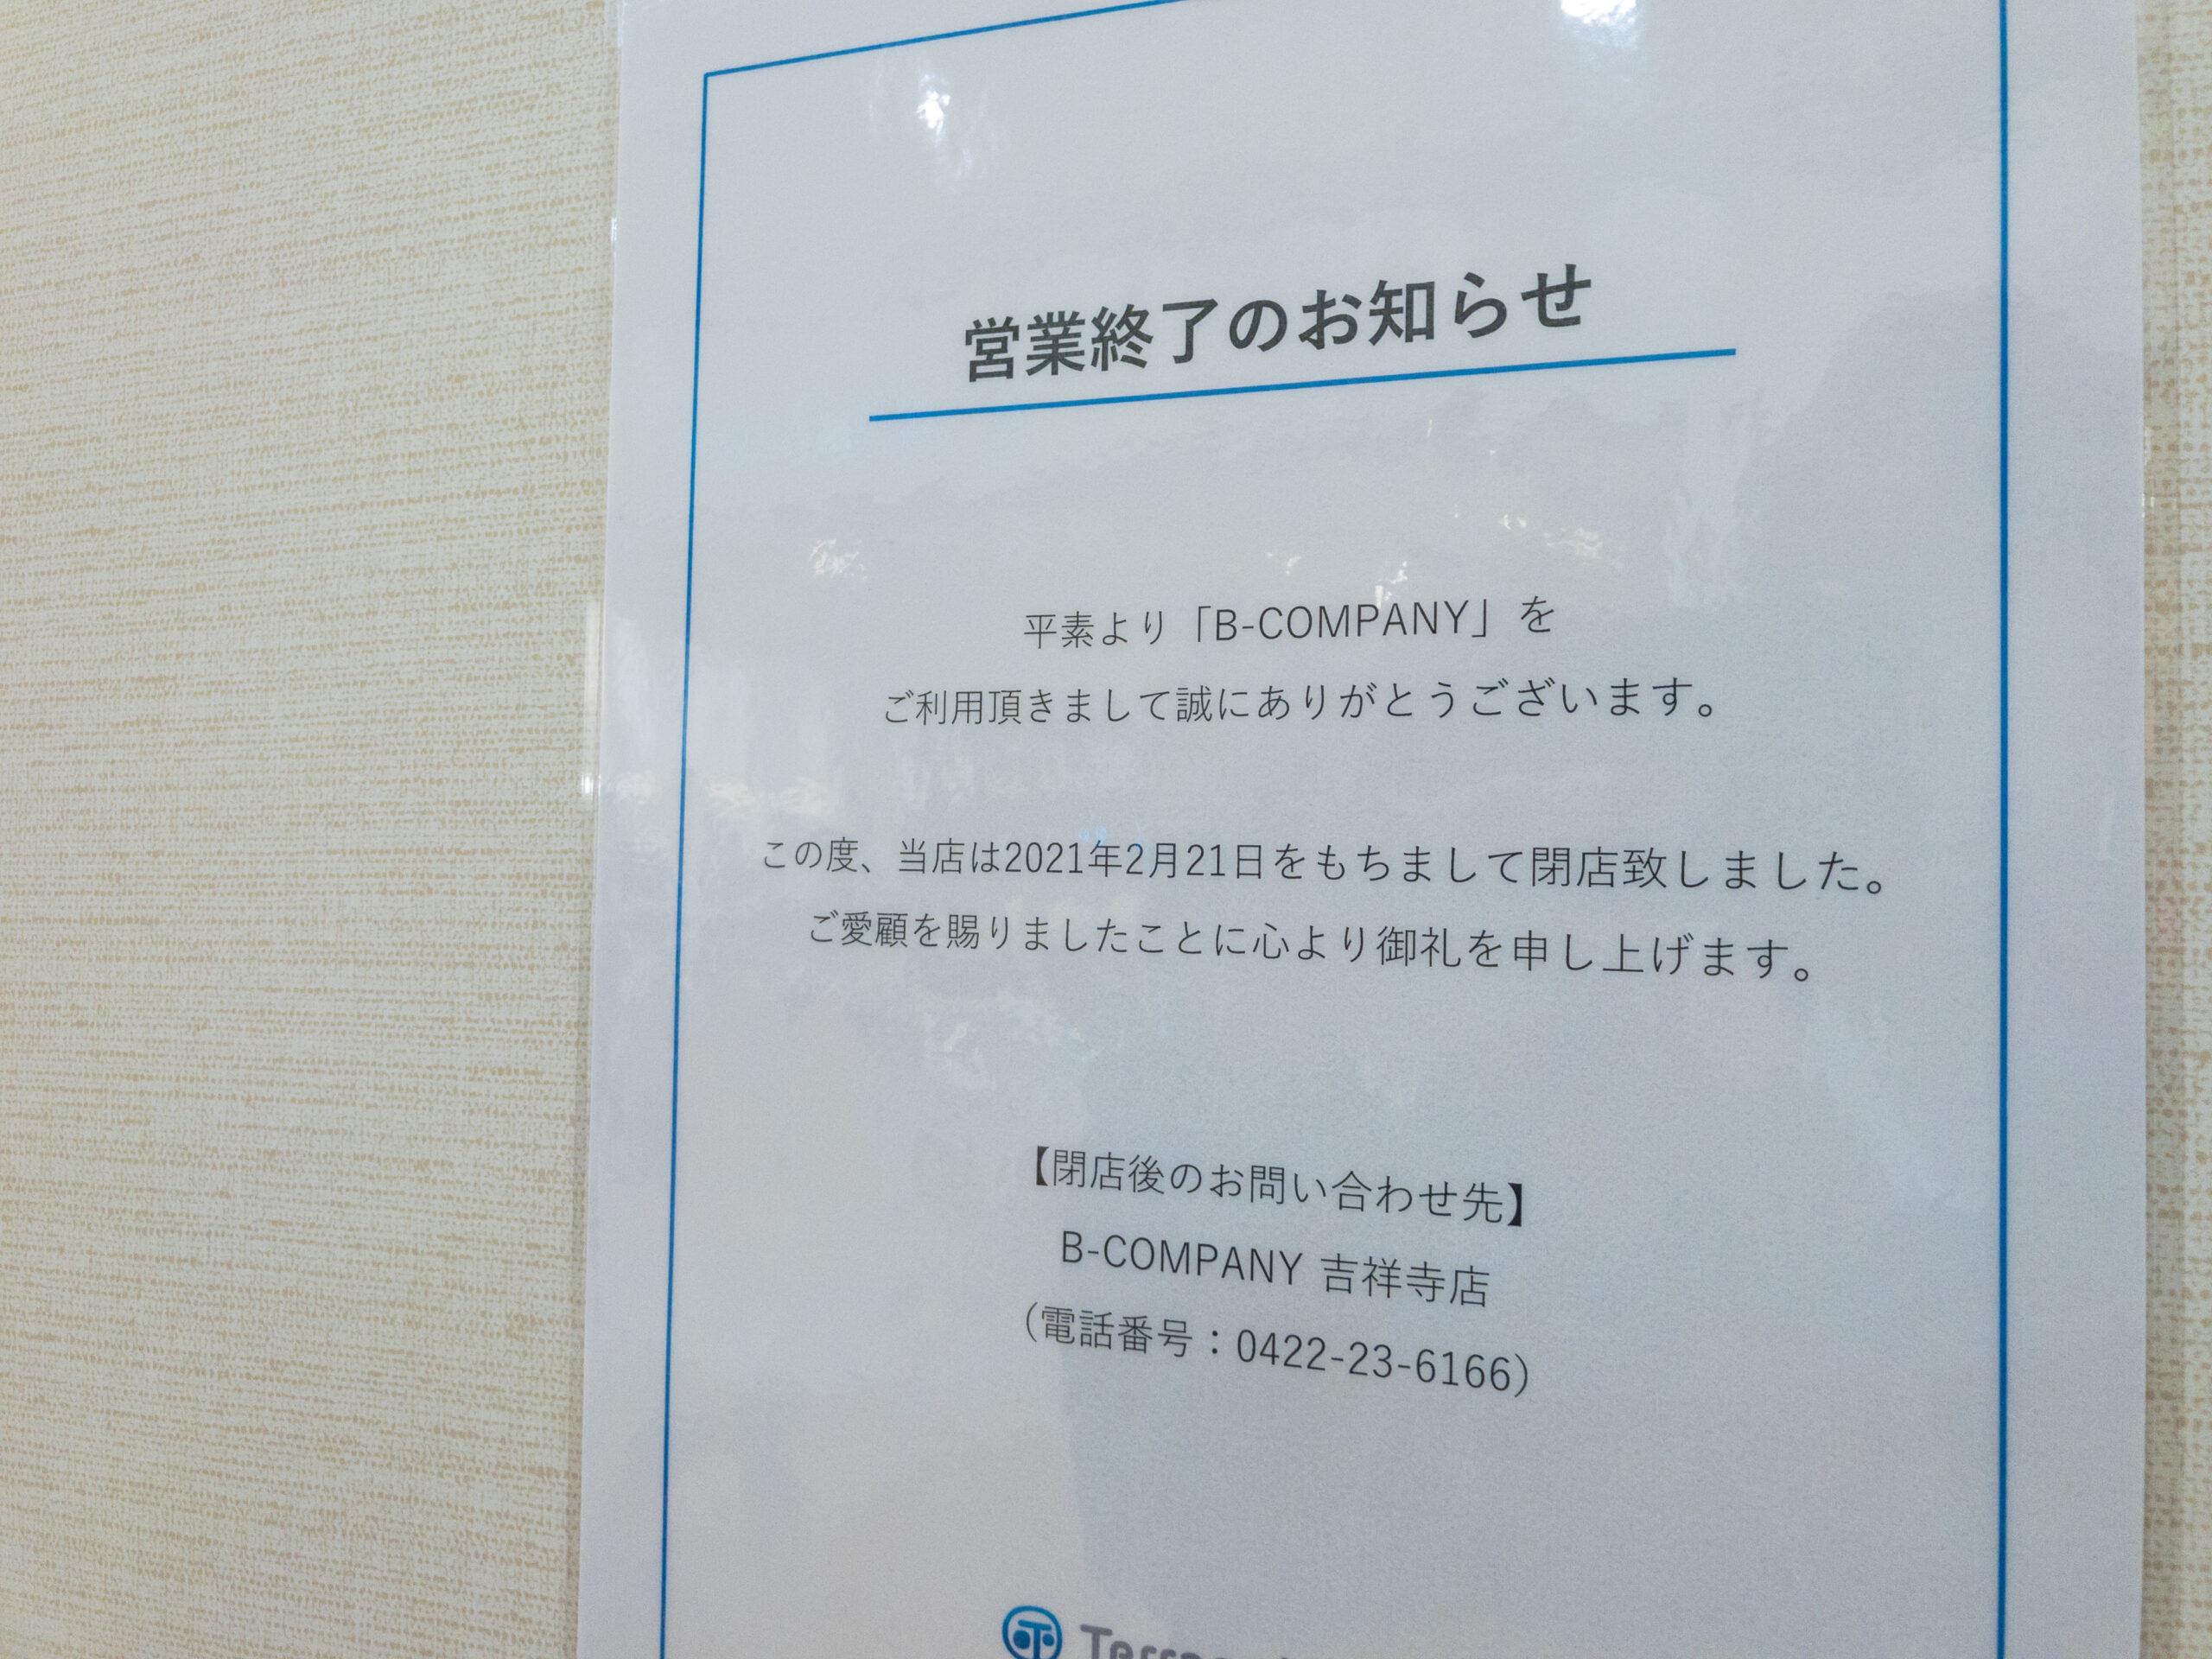 B-COMPANYテラスモール湘南店閉店のお知らせの写真